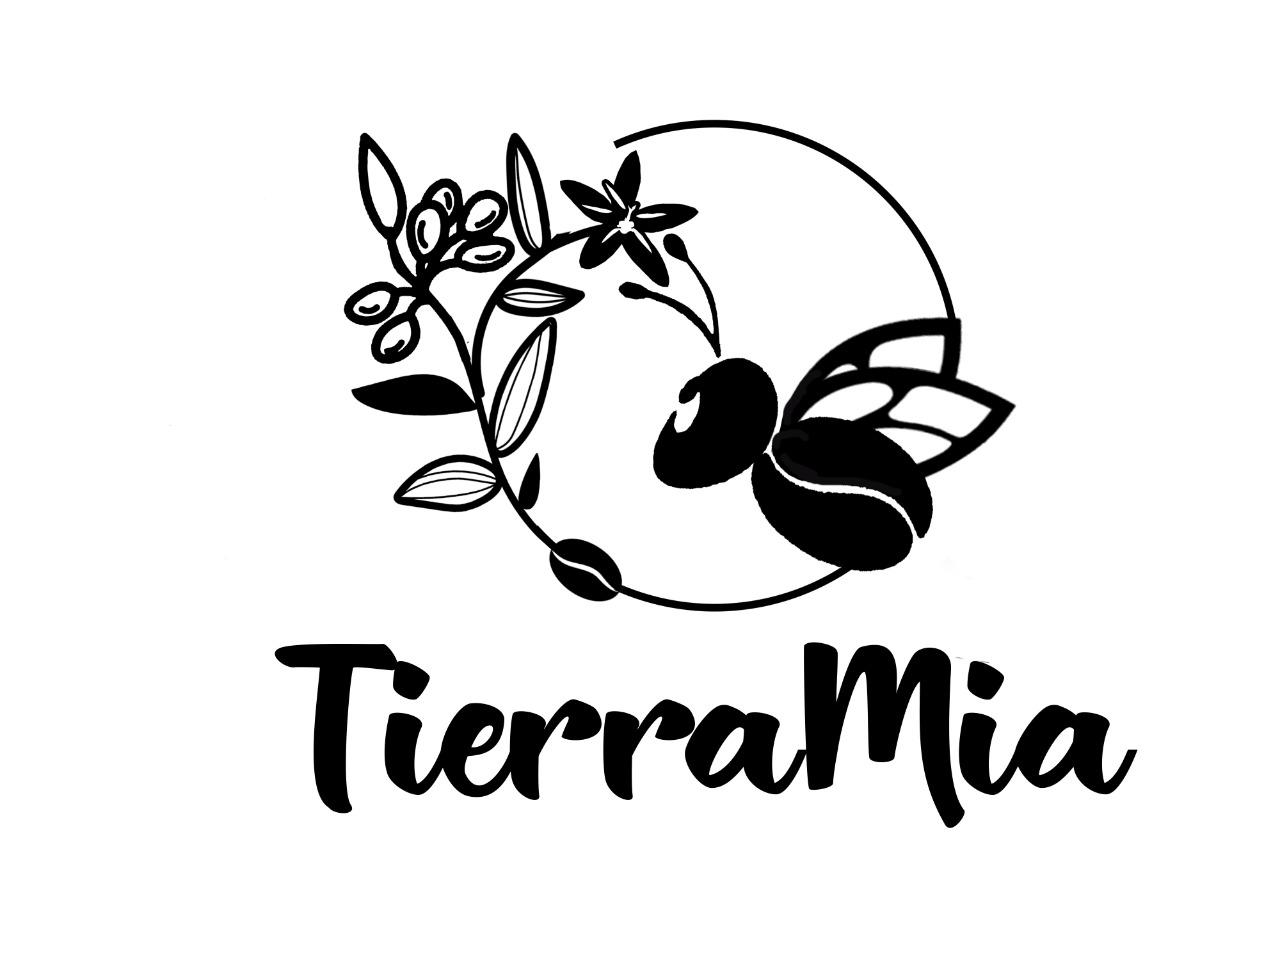 TIERRA MIA CAFÉ Y APICULTURA